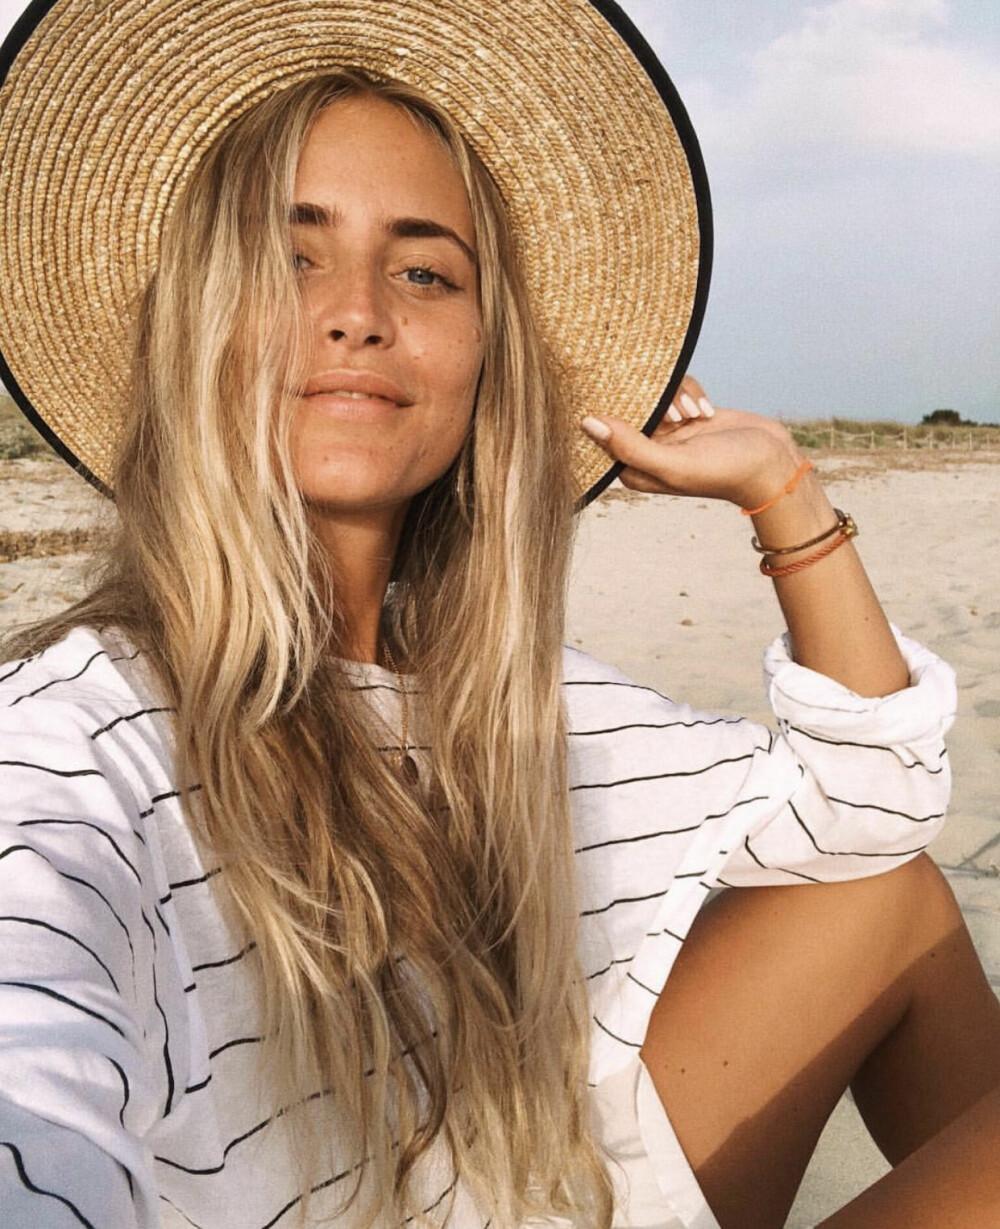 Jani Olsson Delér deler av sin hverdag. Her er hun med sommer, strand og stråhatt, skikkelig Ibiza-style.